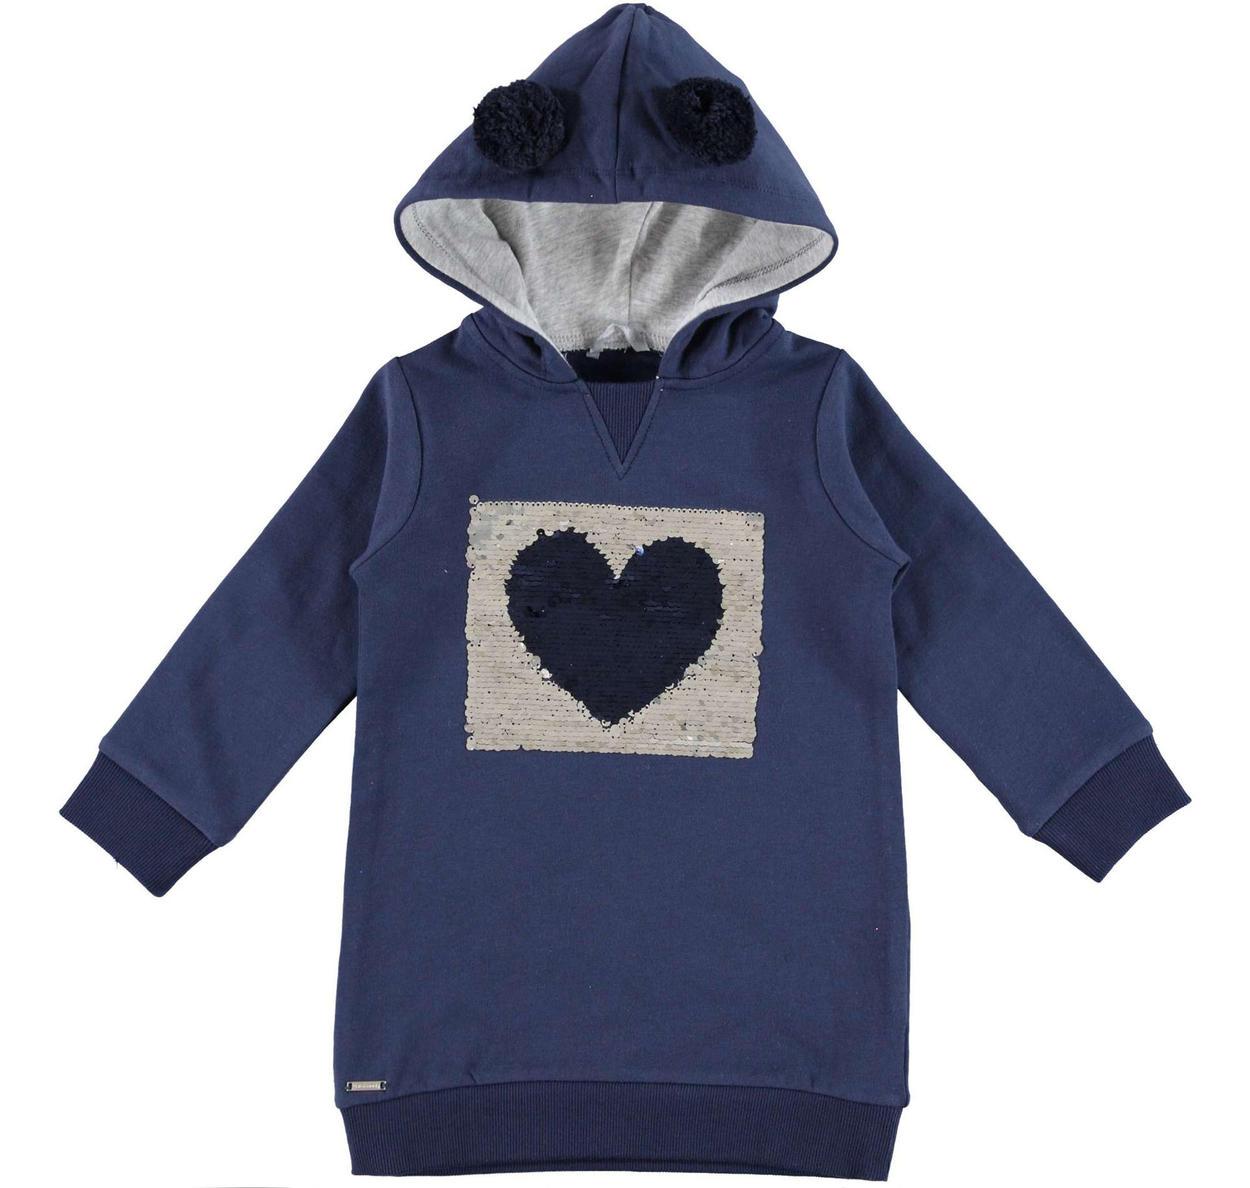 nuovo prodotto 59d6f a8731 Abitino in felpa con cuore di paillettes reversibili per bambina da 6 mesi  a 7 anni Sarabanda